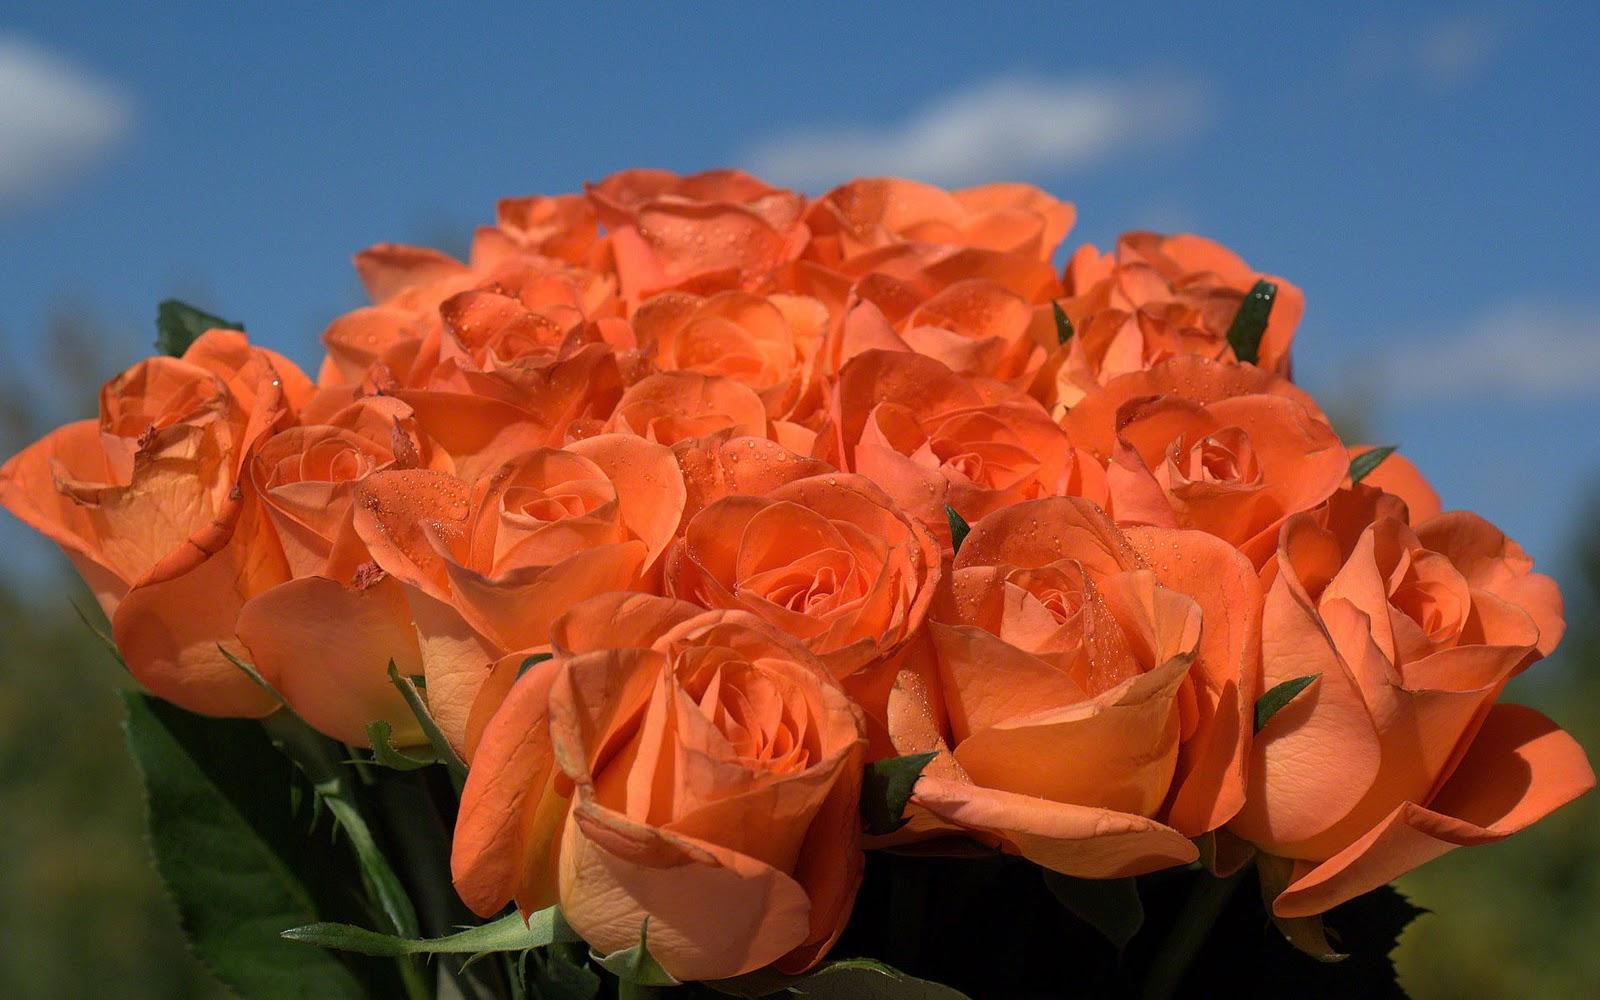 http://4.bp.blogspot.com/-OwglNa5JfgE/TZM6jGXmILI/AAAAAAAAAFY/5A_JMMeqfS4/s1600/roses-photo-wallpaper-02517.jpg